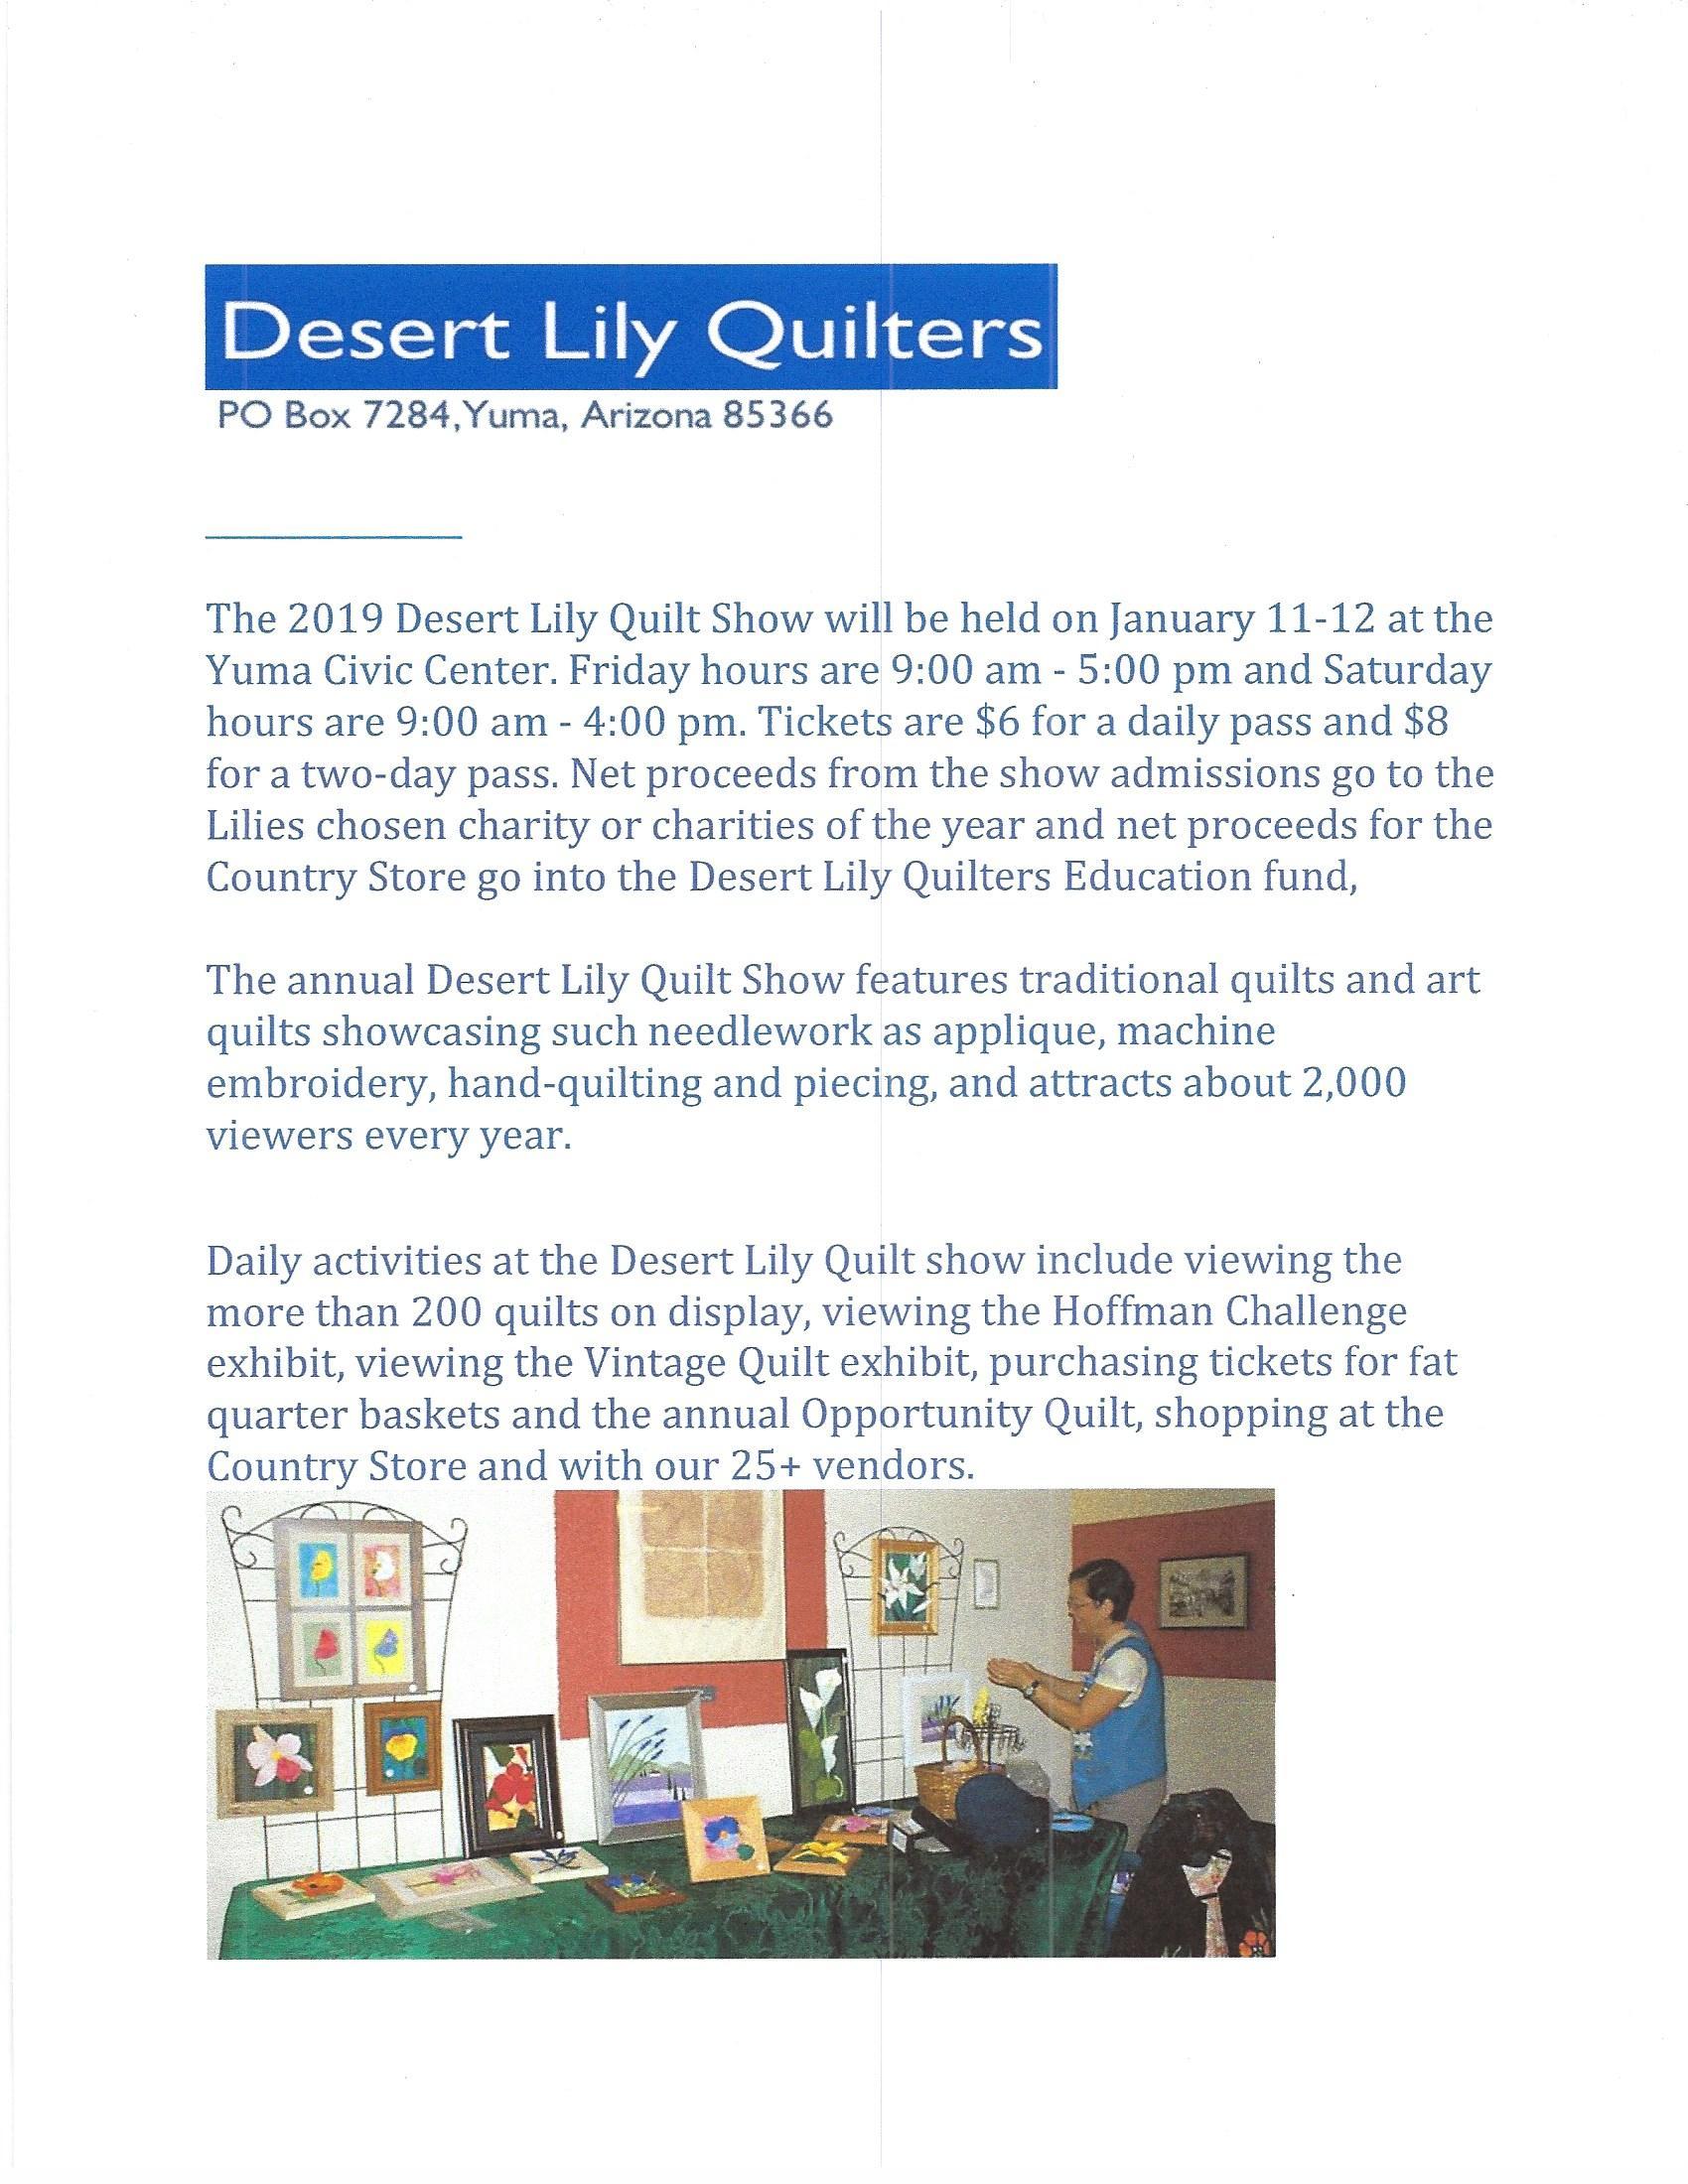 Desert Lily's 2019